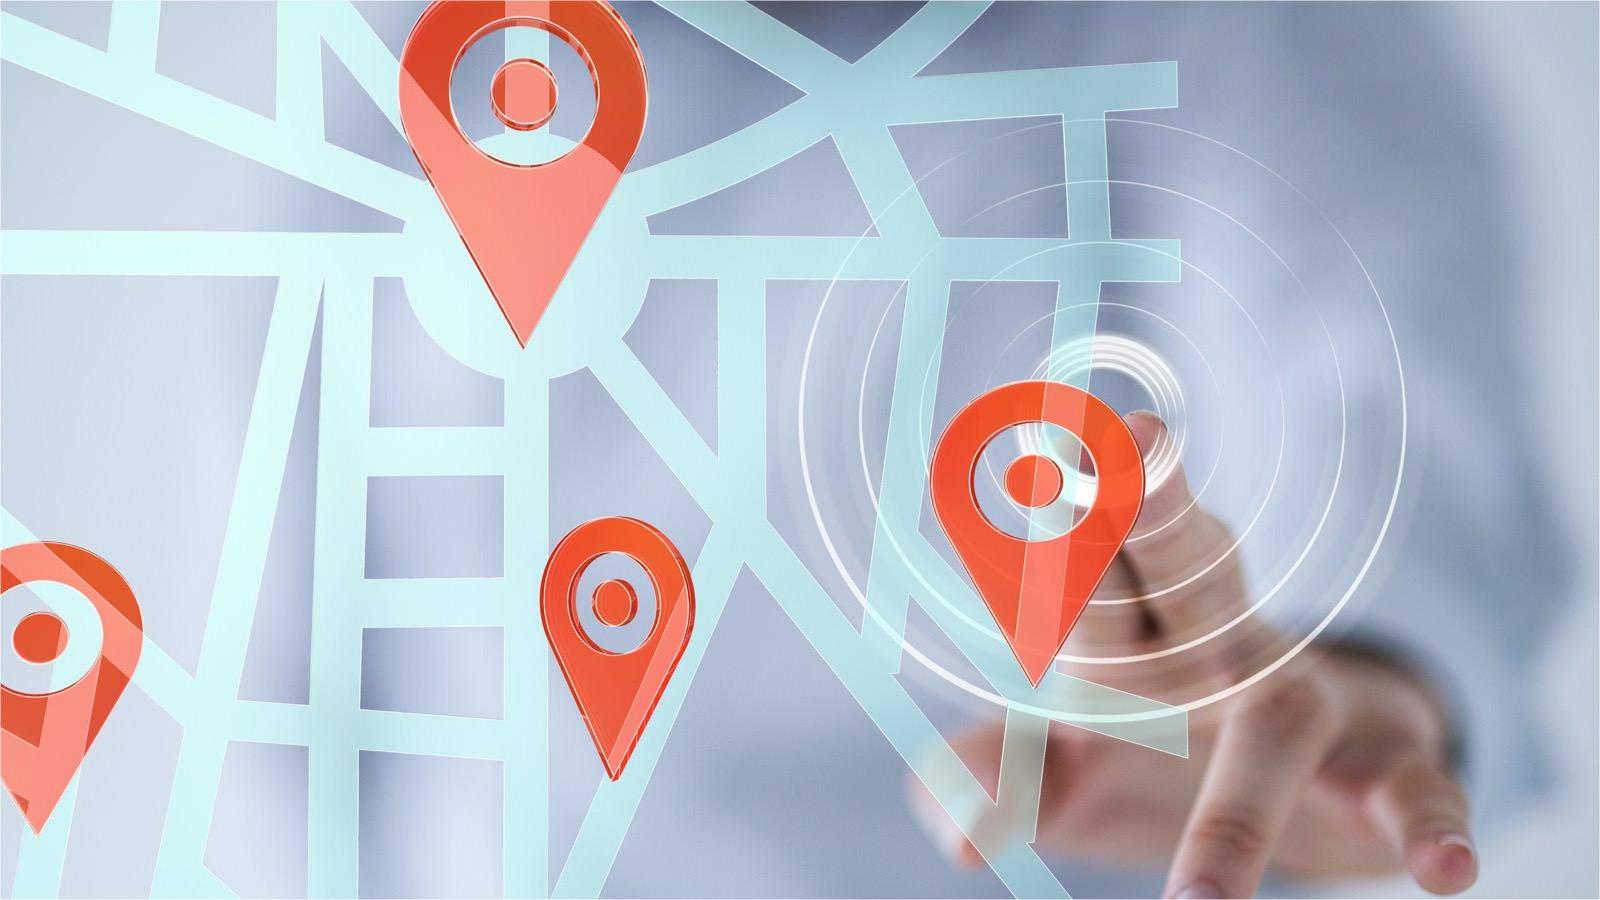 インスタグラムの位置情報とは?新しく追加する方法やメリットをわかりやすく解説